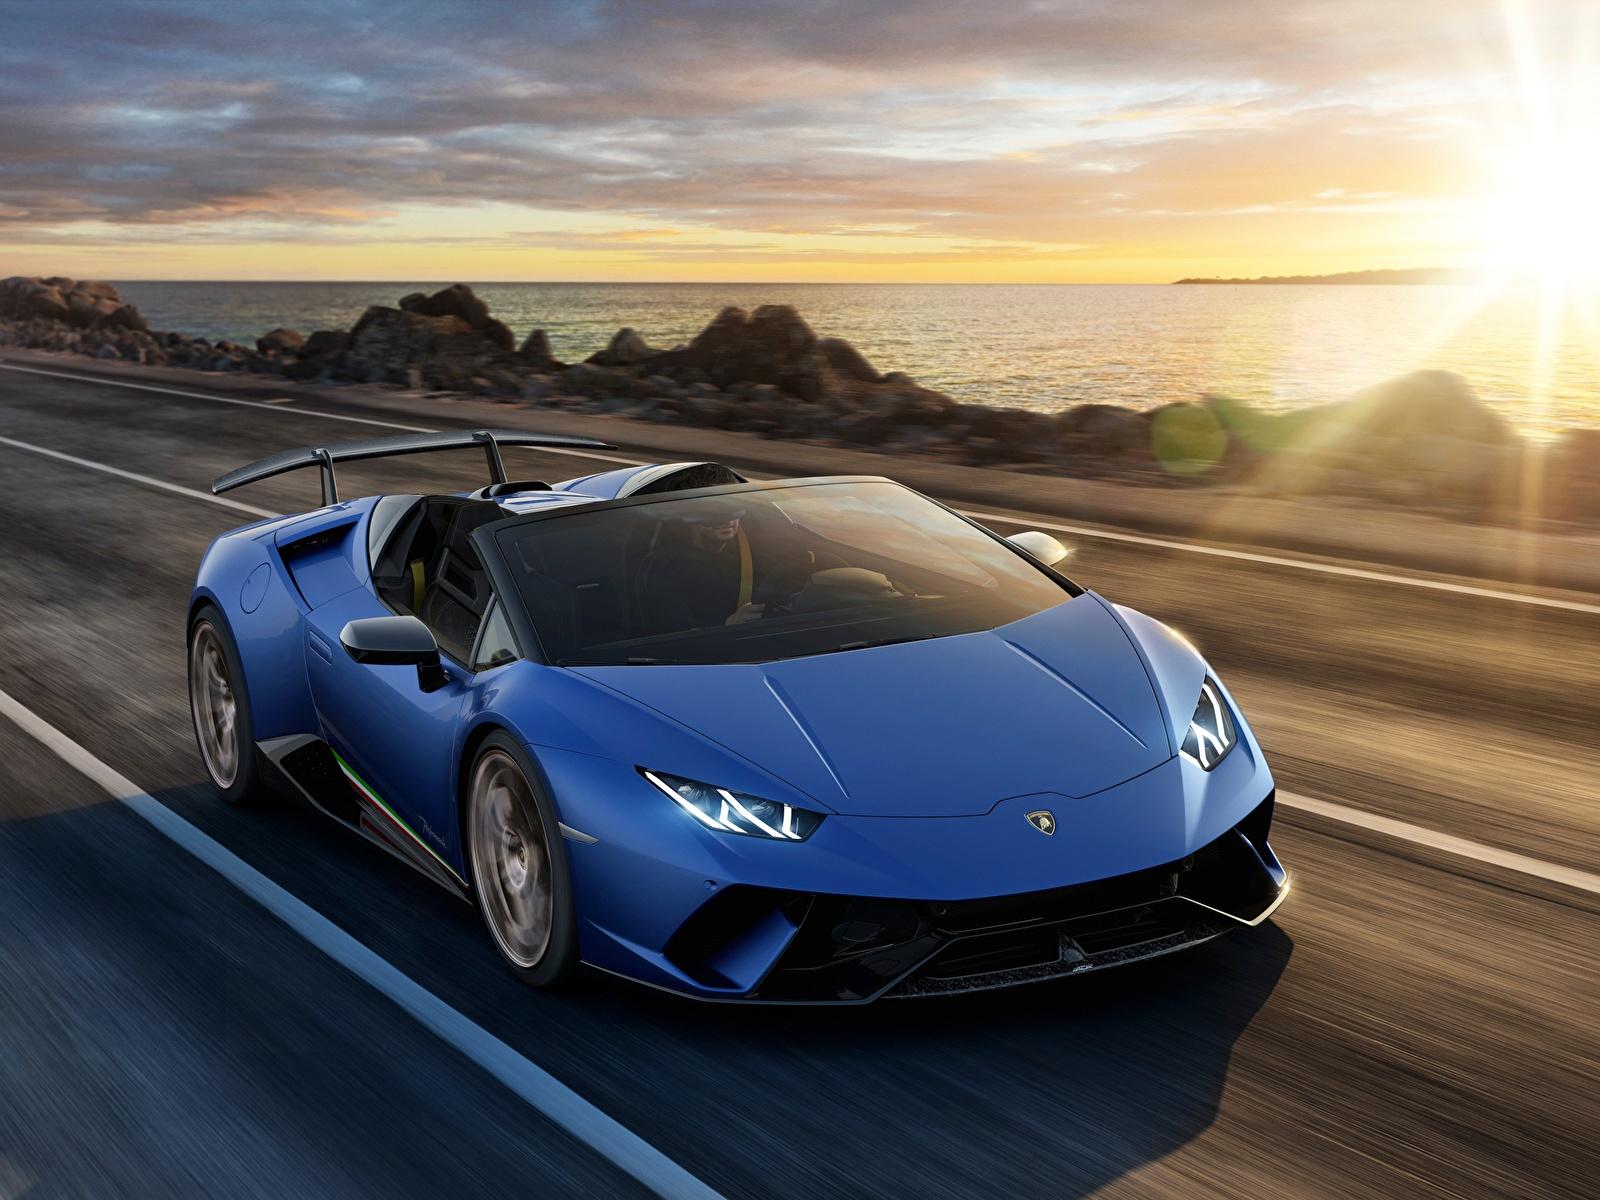 Фотография Ламборгини Huracan 2018 Spyder Родстер синих Дороги Автомобили 1600x1200 Lamborghini Синий синие синяя авто машина машины автомобиль